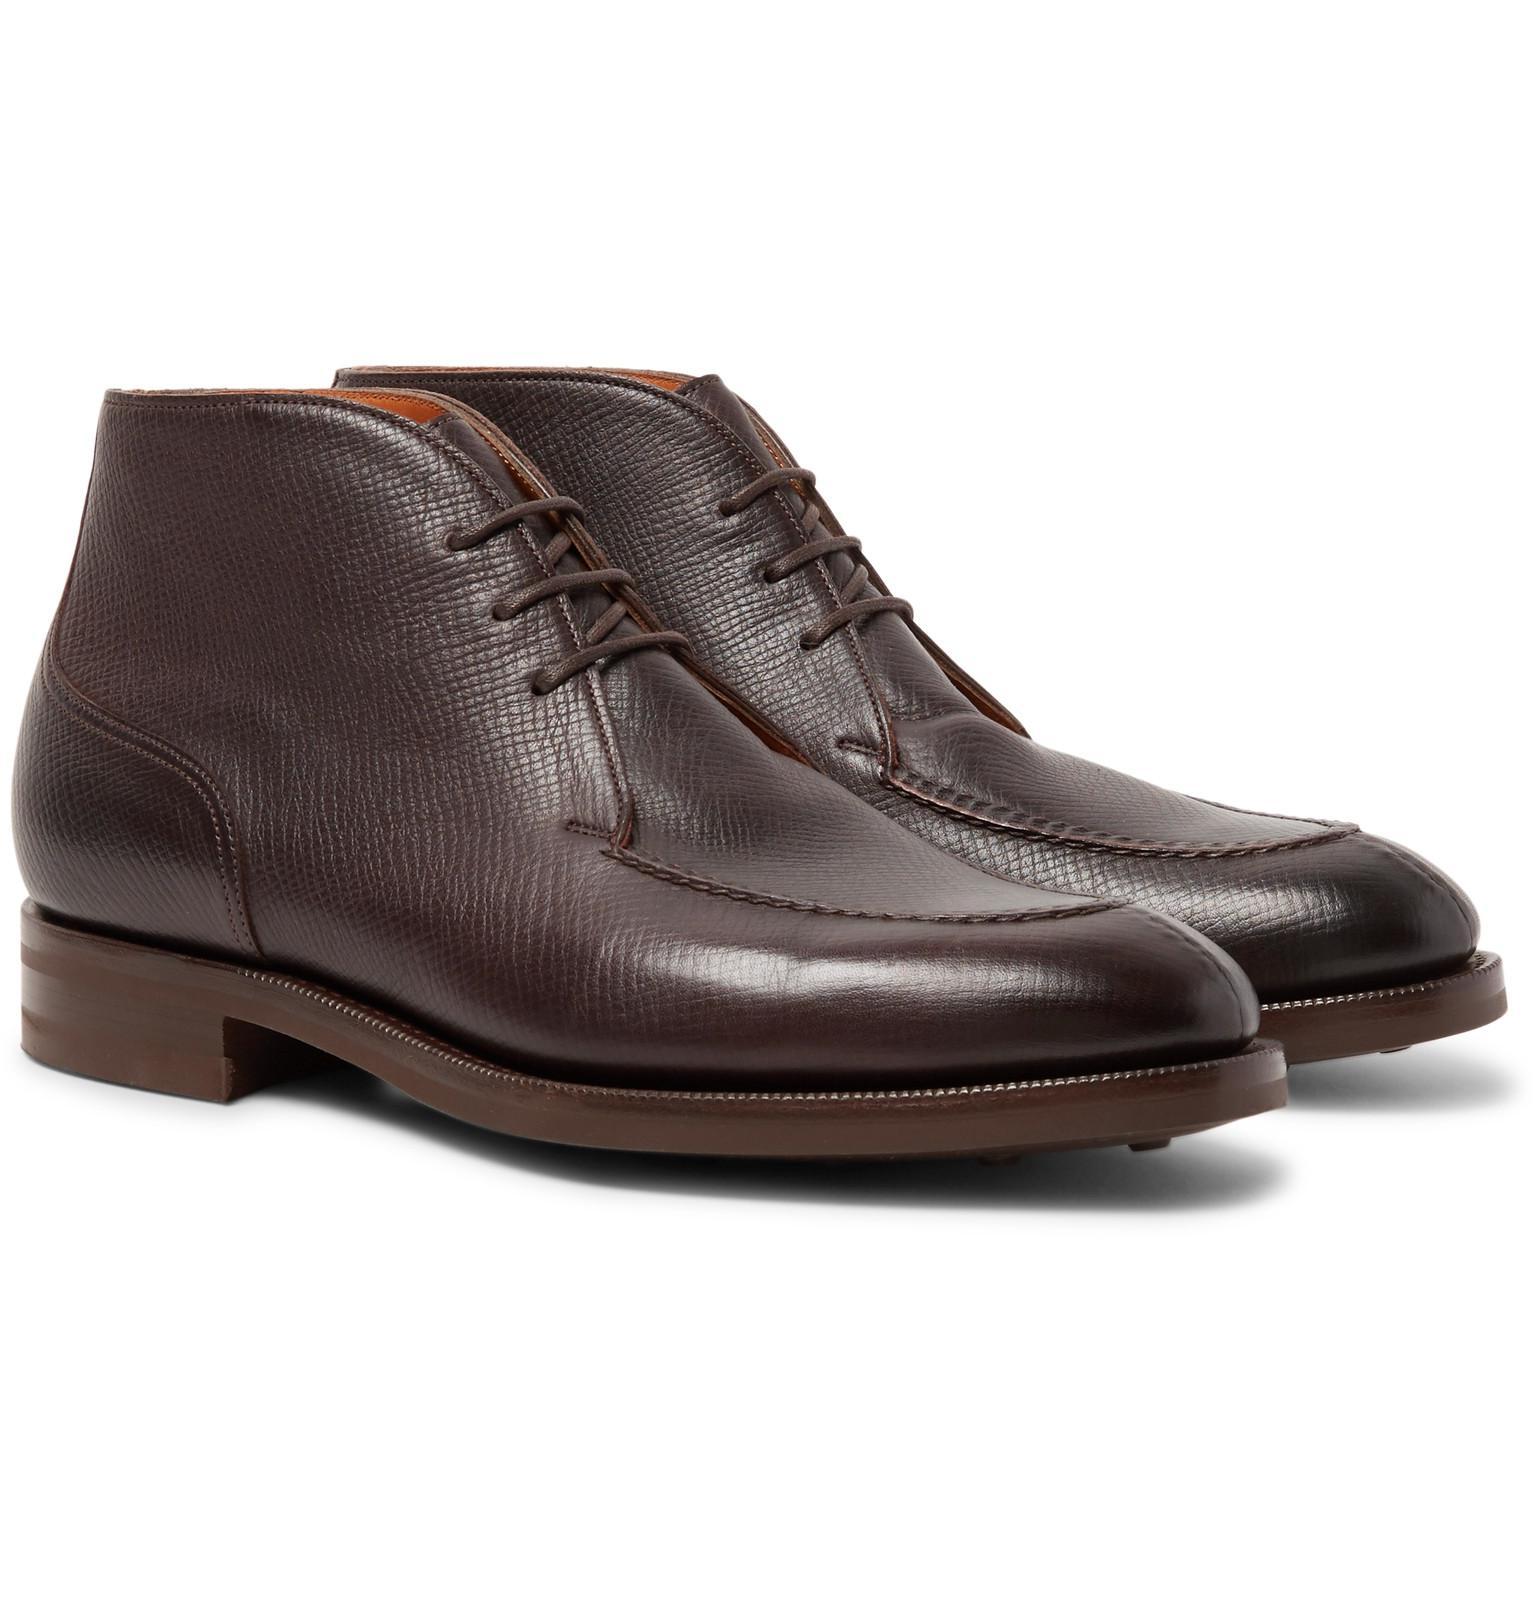 boots halifax